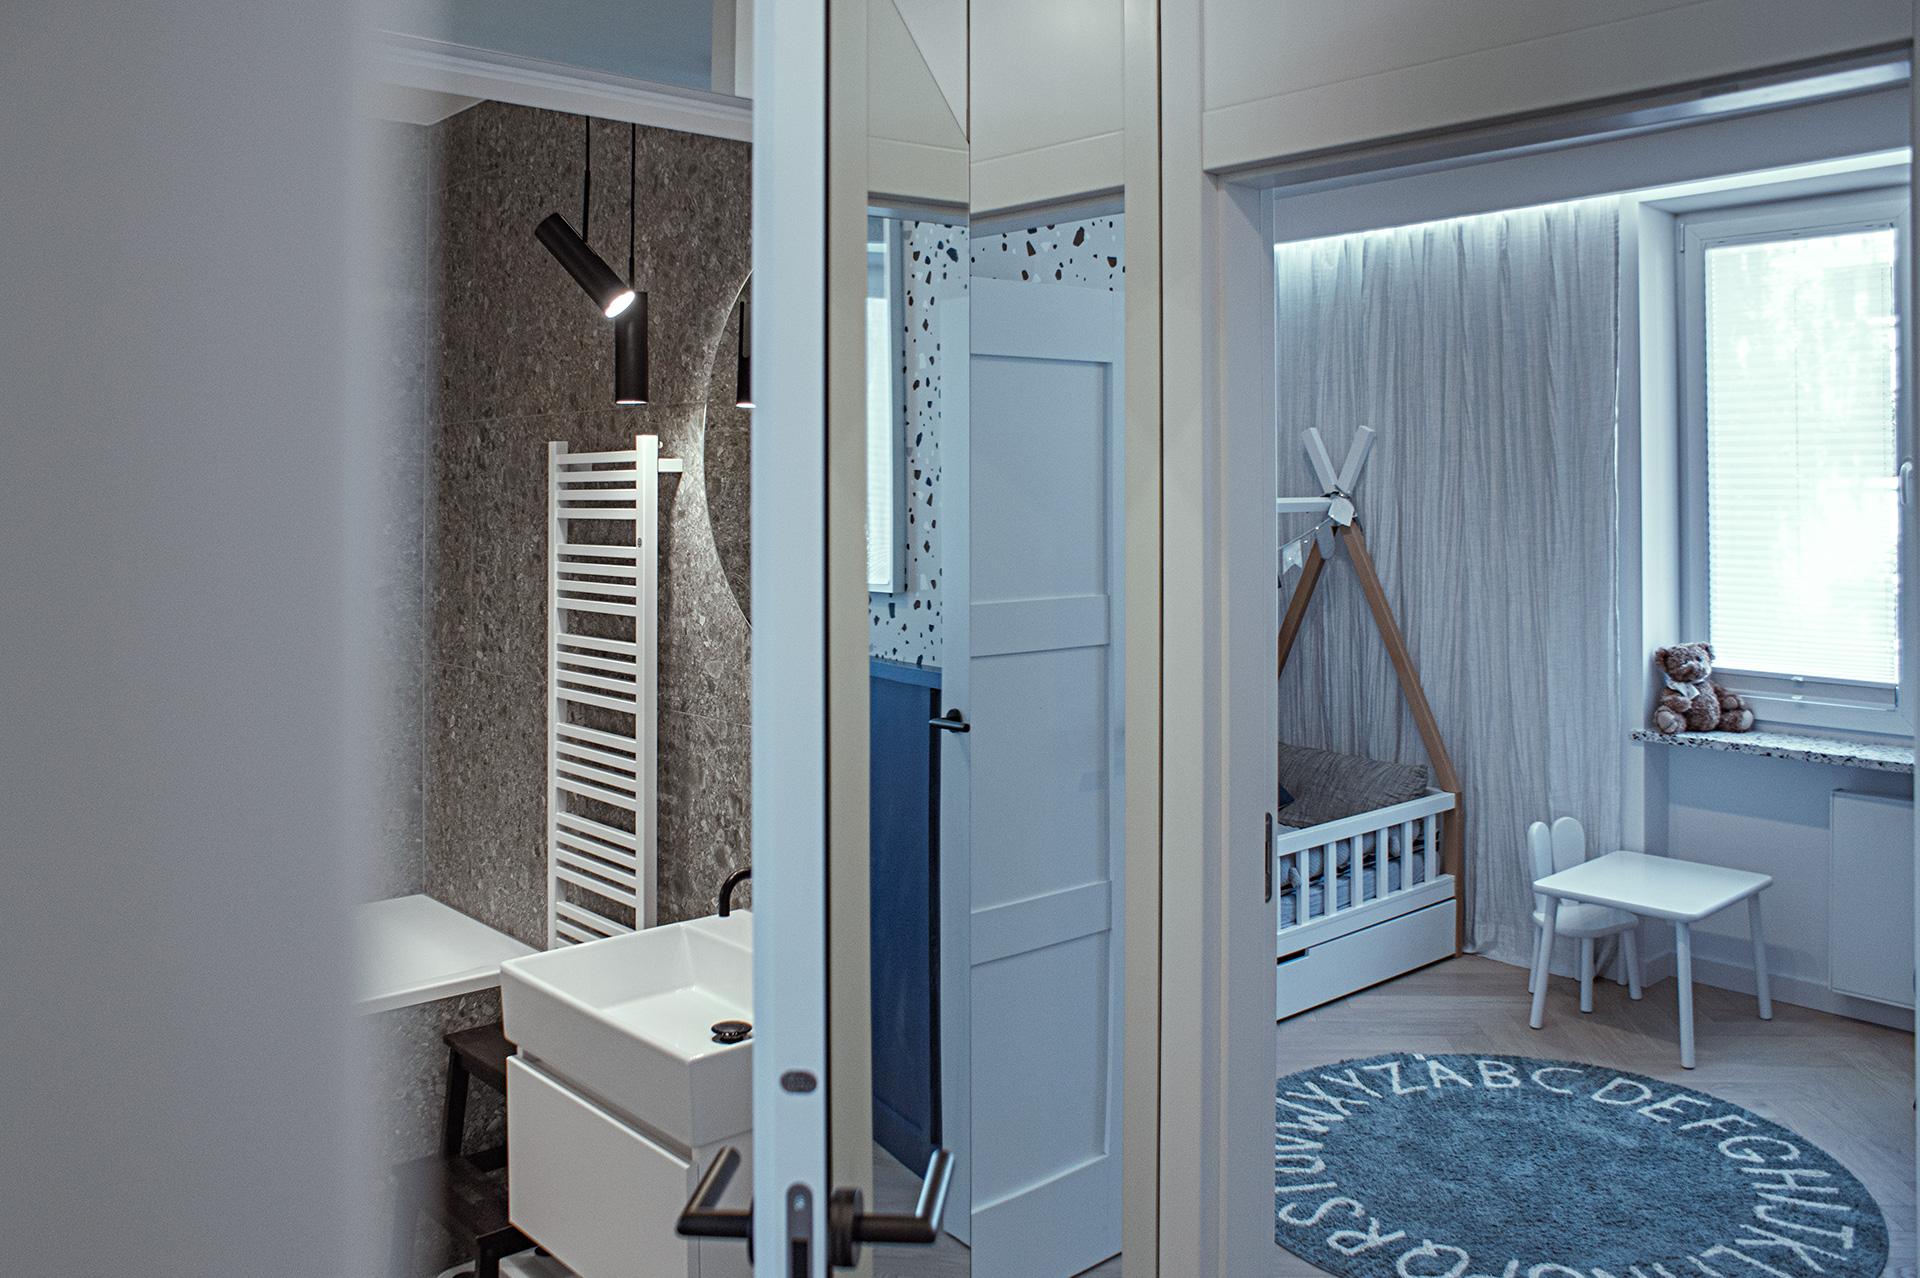 Drzwi do łazienki mają ukrytą ościeżnice – a dzięki lustrzanej oprawie, niemal całkowicie ukryte są przed okiem.